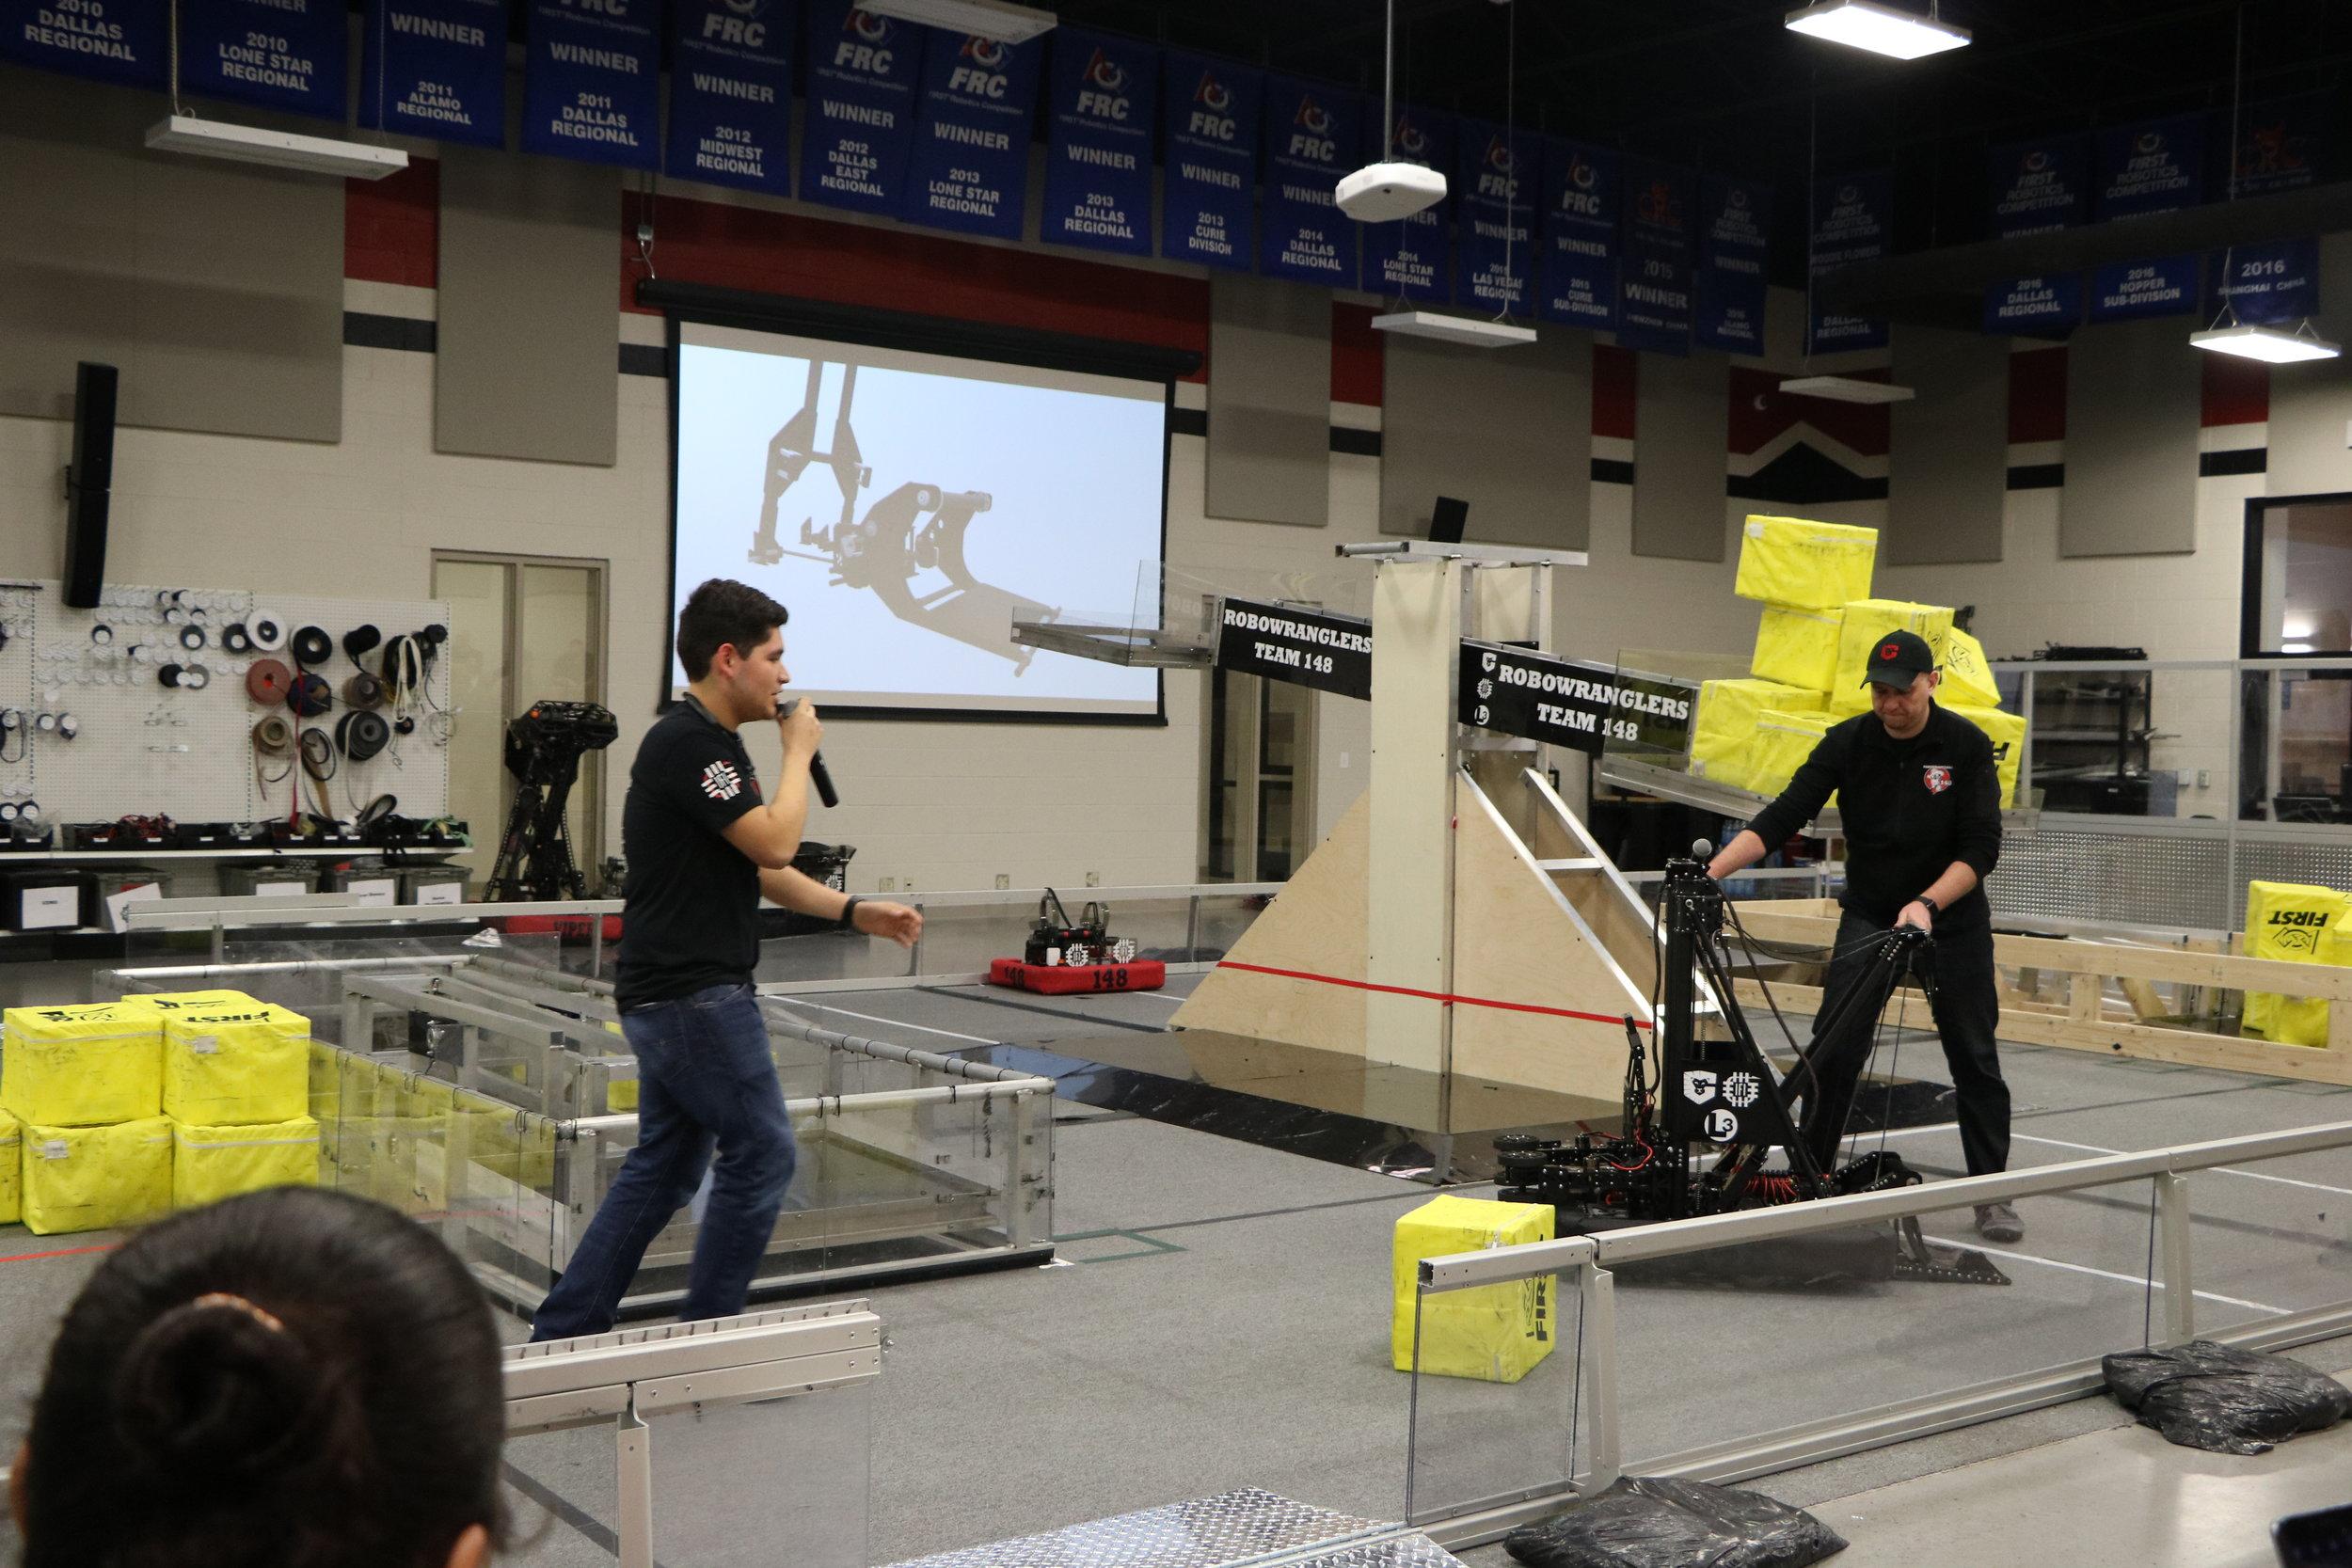 Carlos explains the Robot-Wrangler